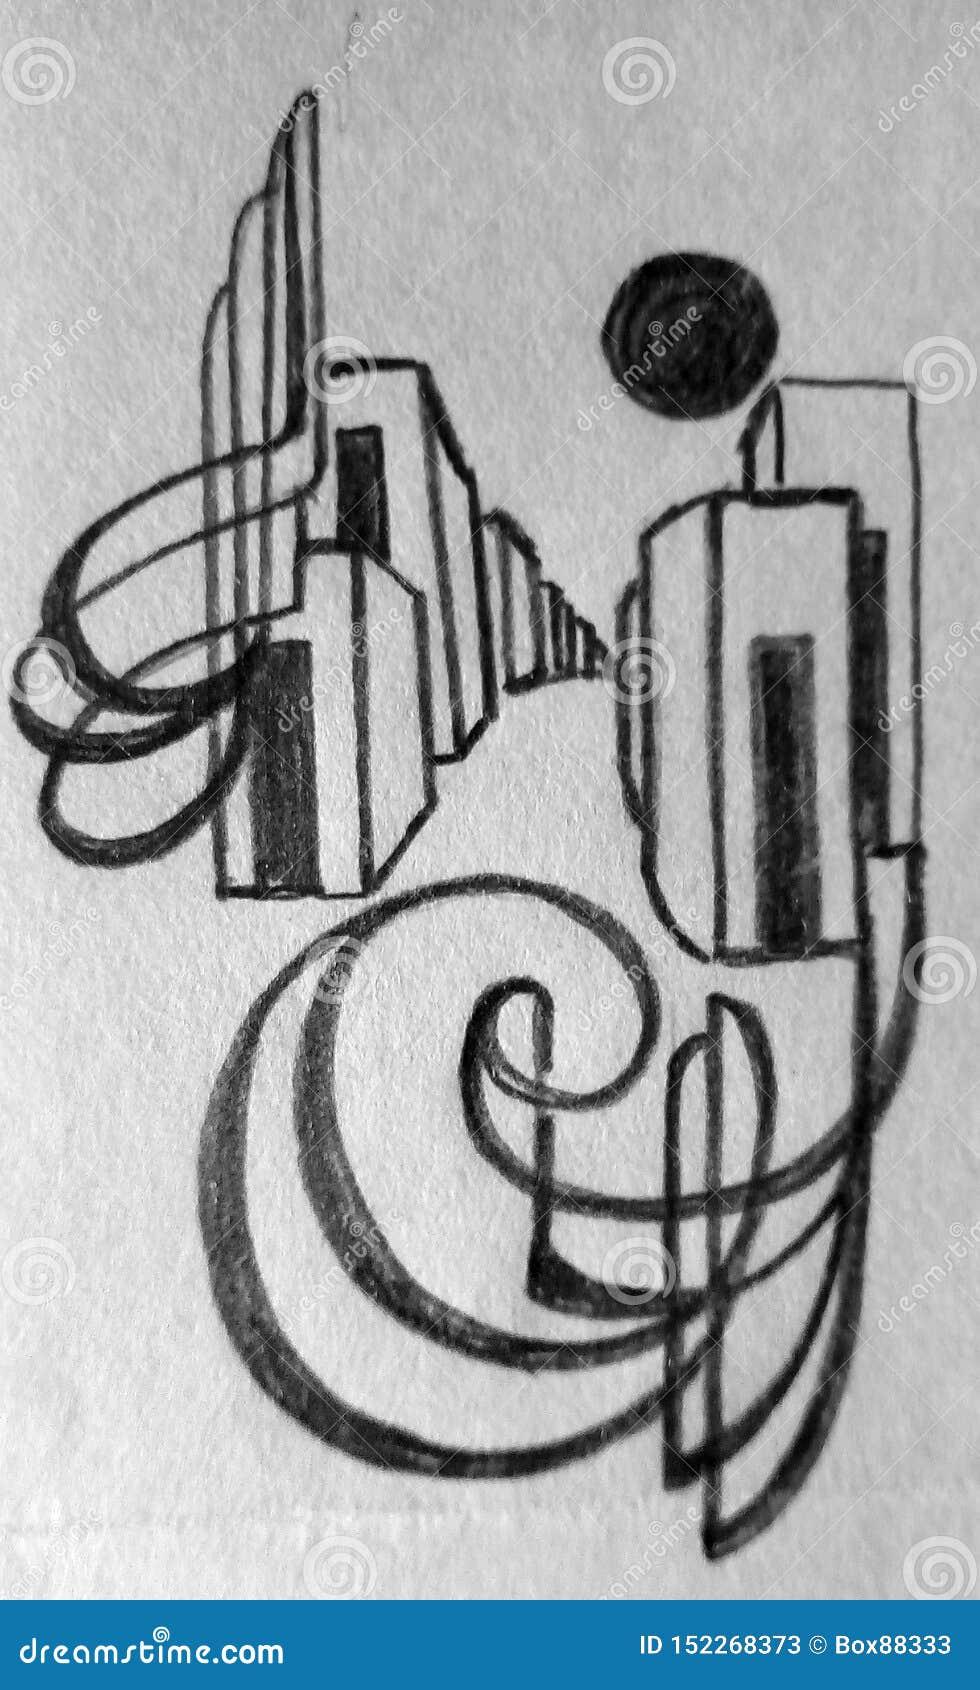 Τραχύ αφηρημένο μολύβι που επισύρει την προσοχή σε χαρτί Σκοτεινά γραμμές και σημεία